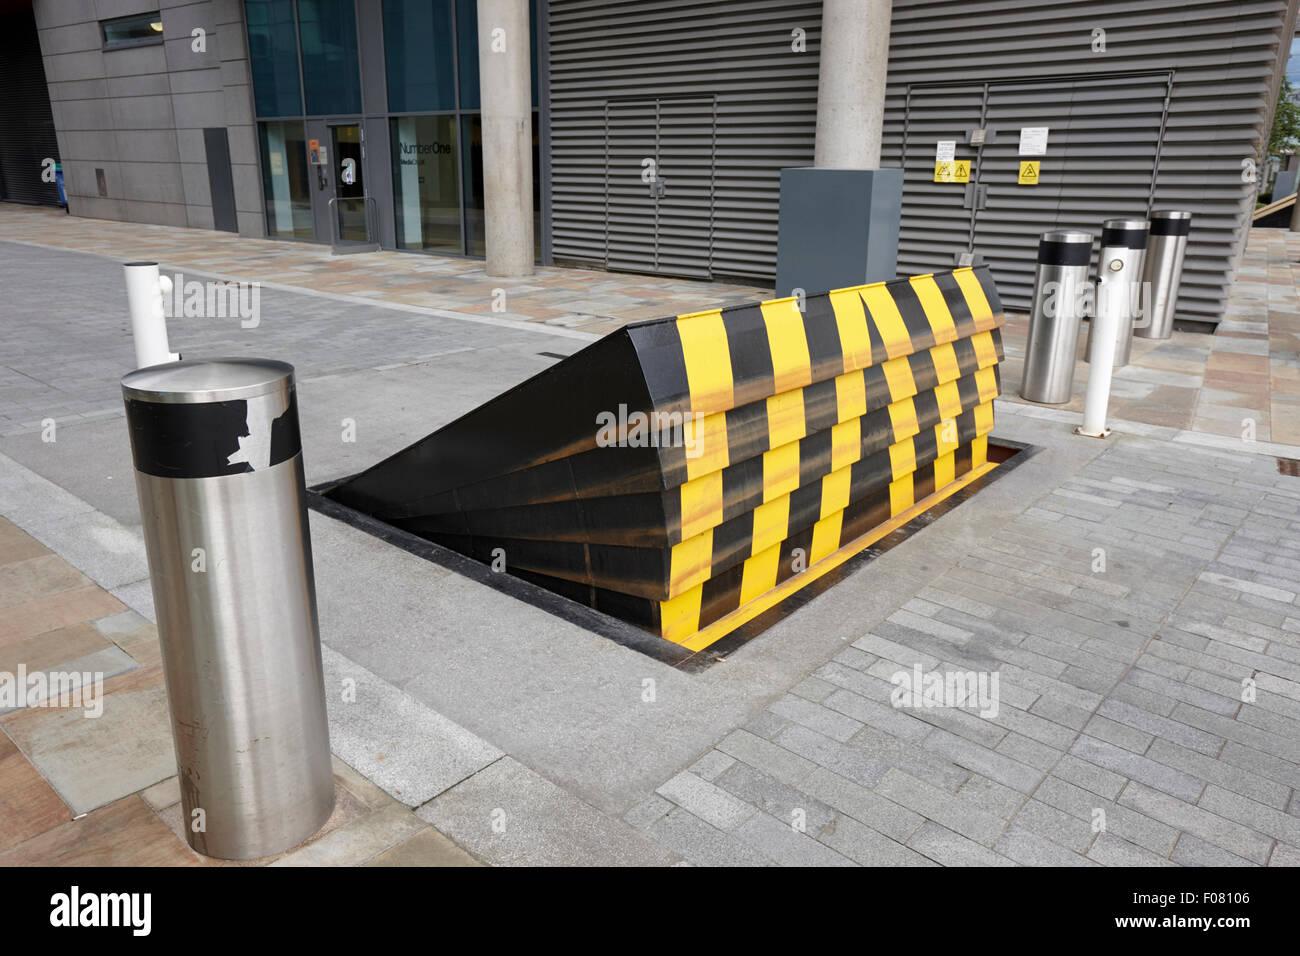 rising road blocker at mediacity salford Manchester uk - Stock Image